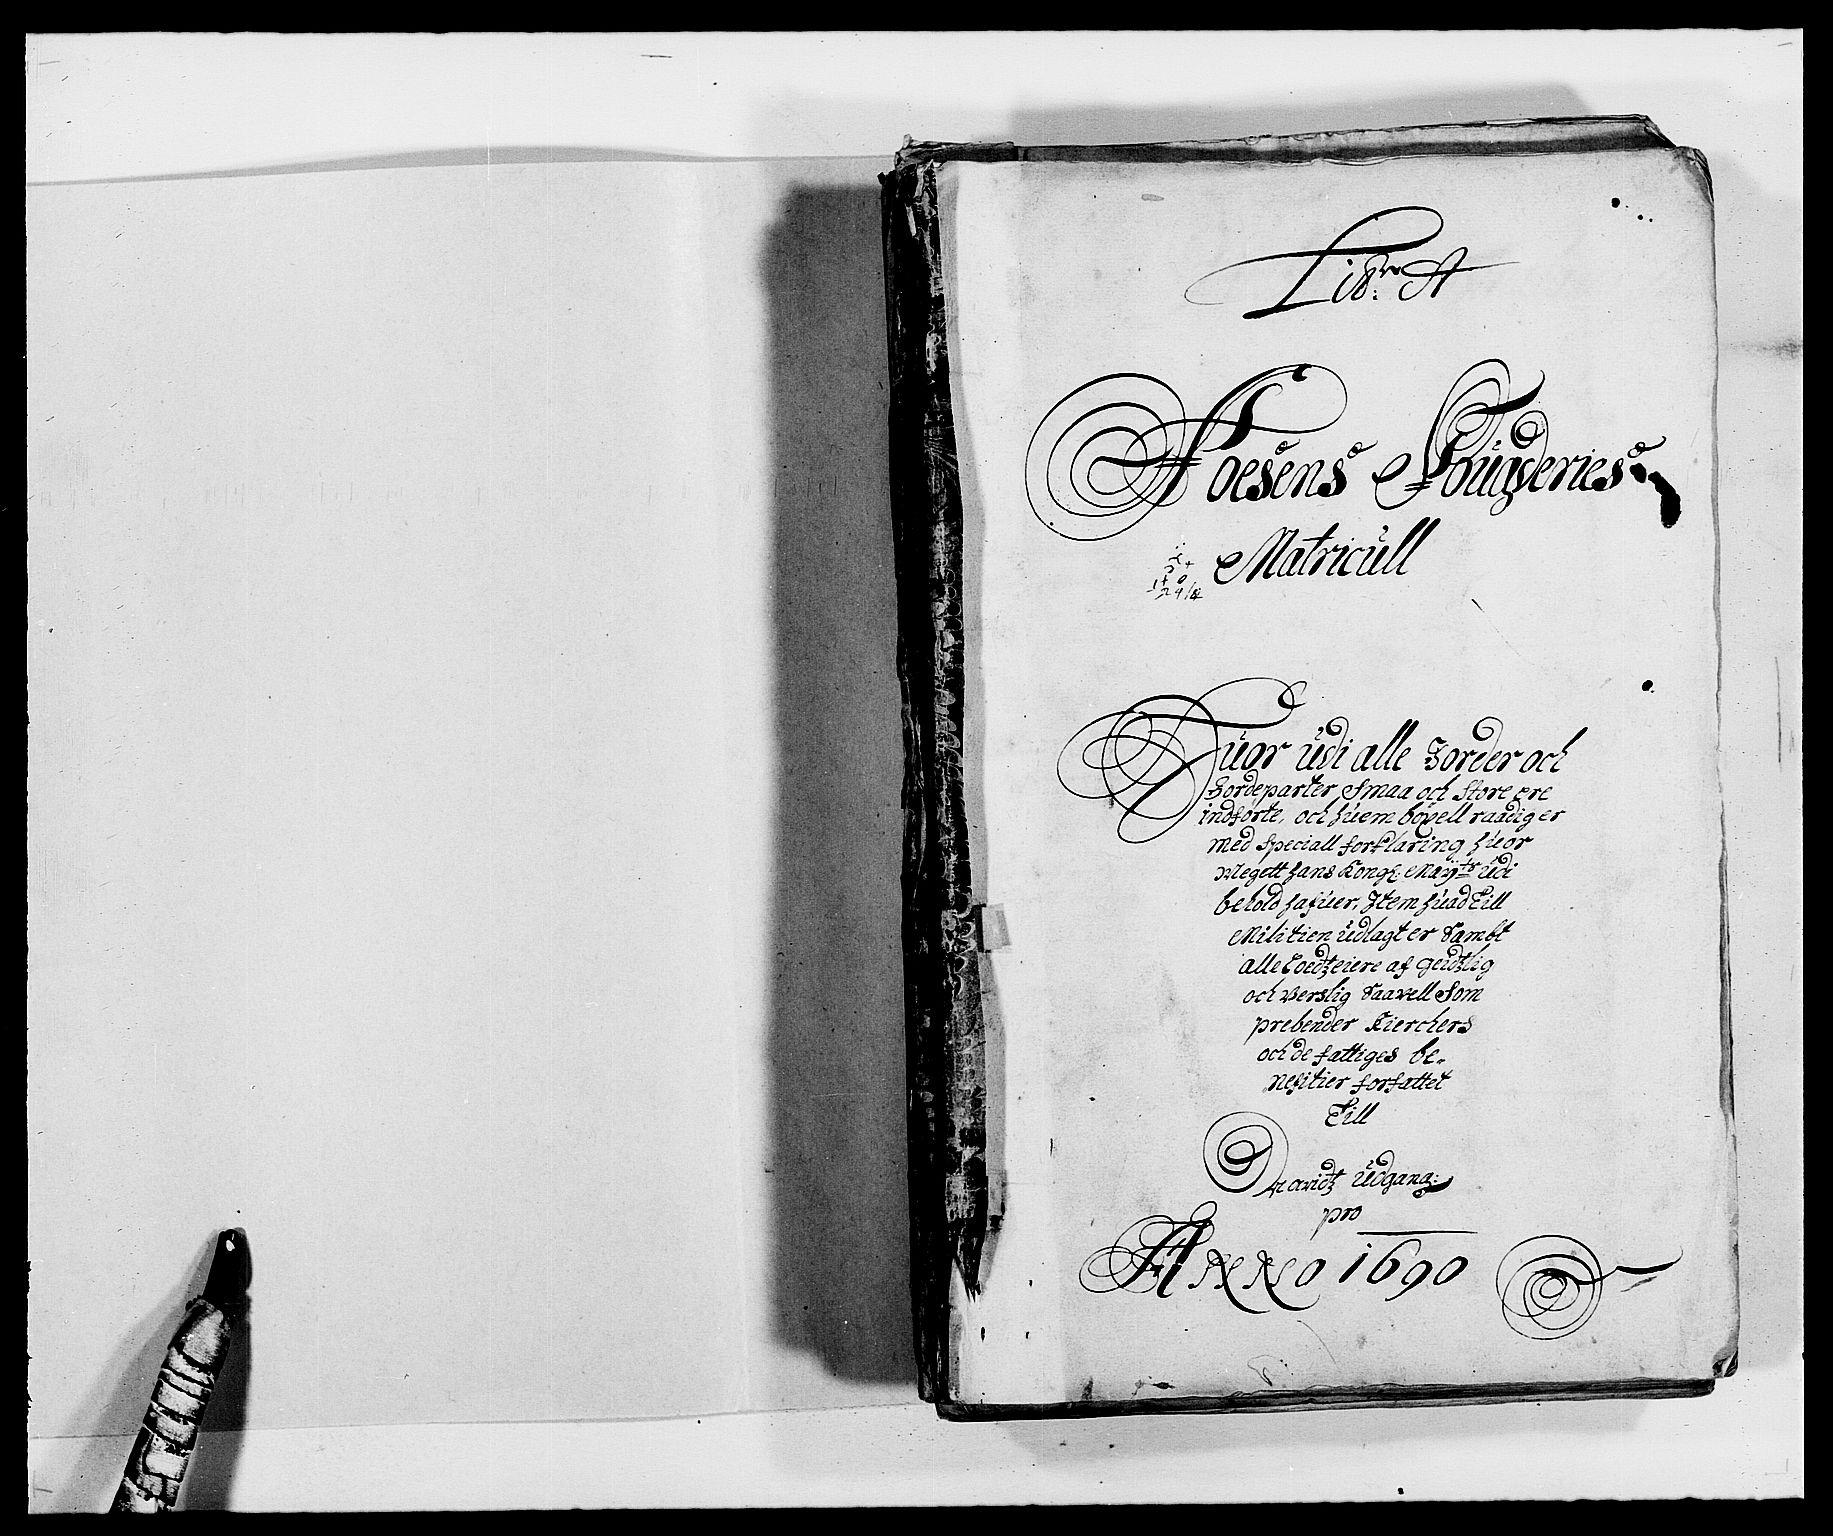 RA, Rentekammeret inntil 1814, Reviderte regnskaper, Fogderegnskap, R57/L3848: Fogderegnskap Fosen, 1690-1691, s. 12